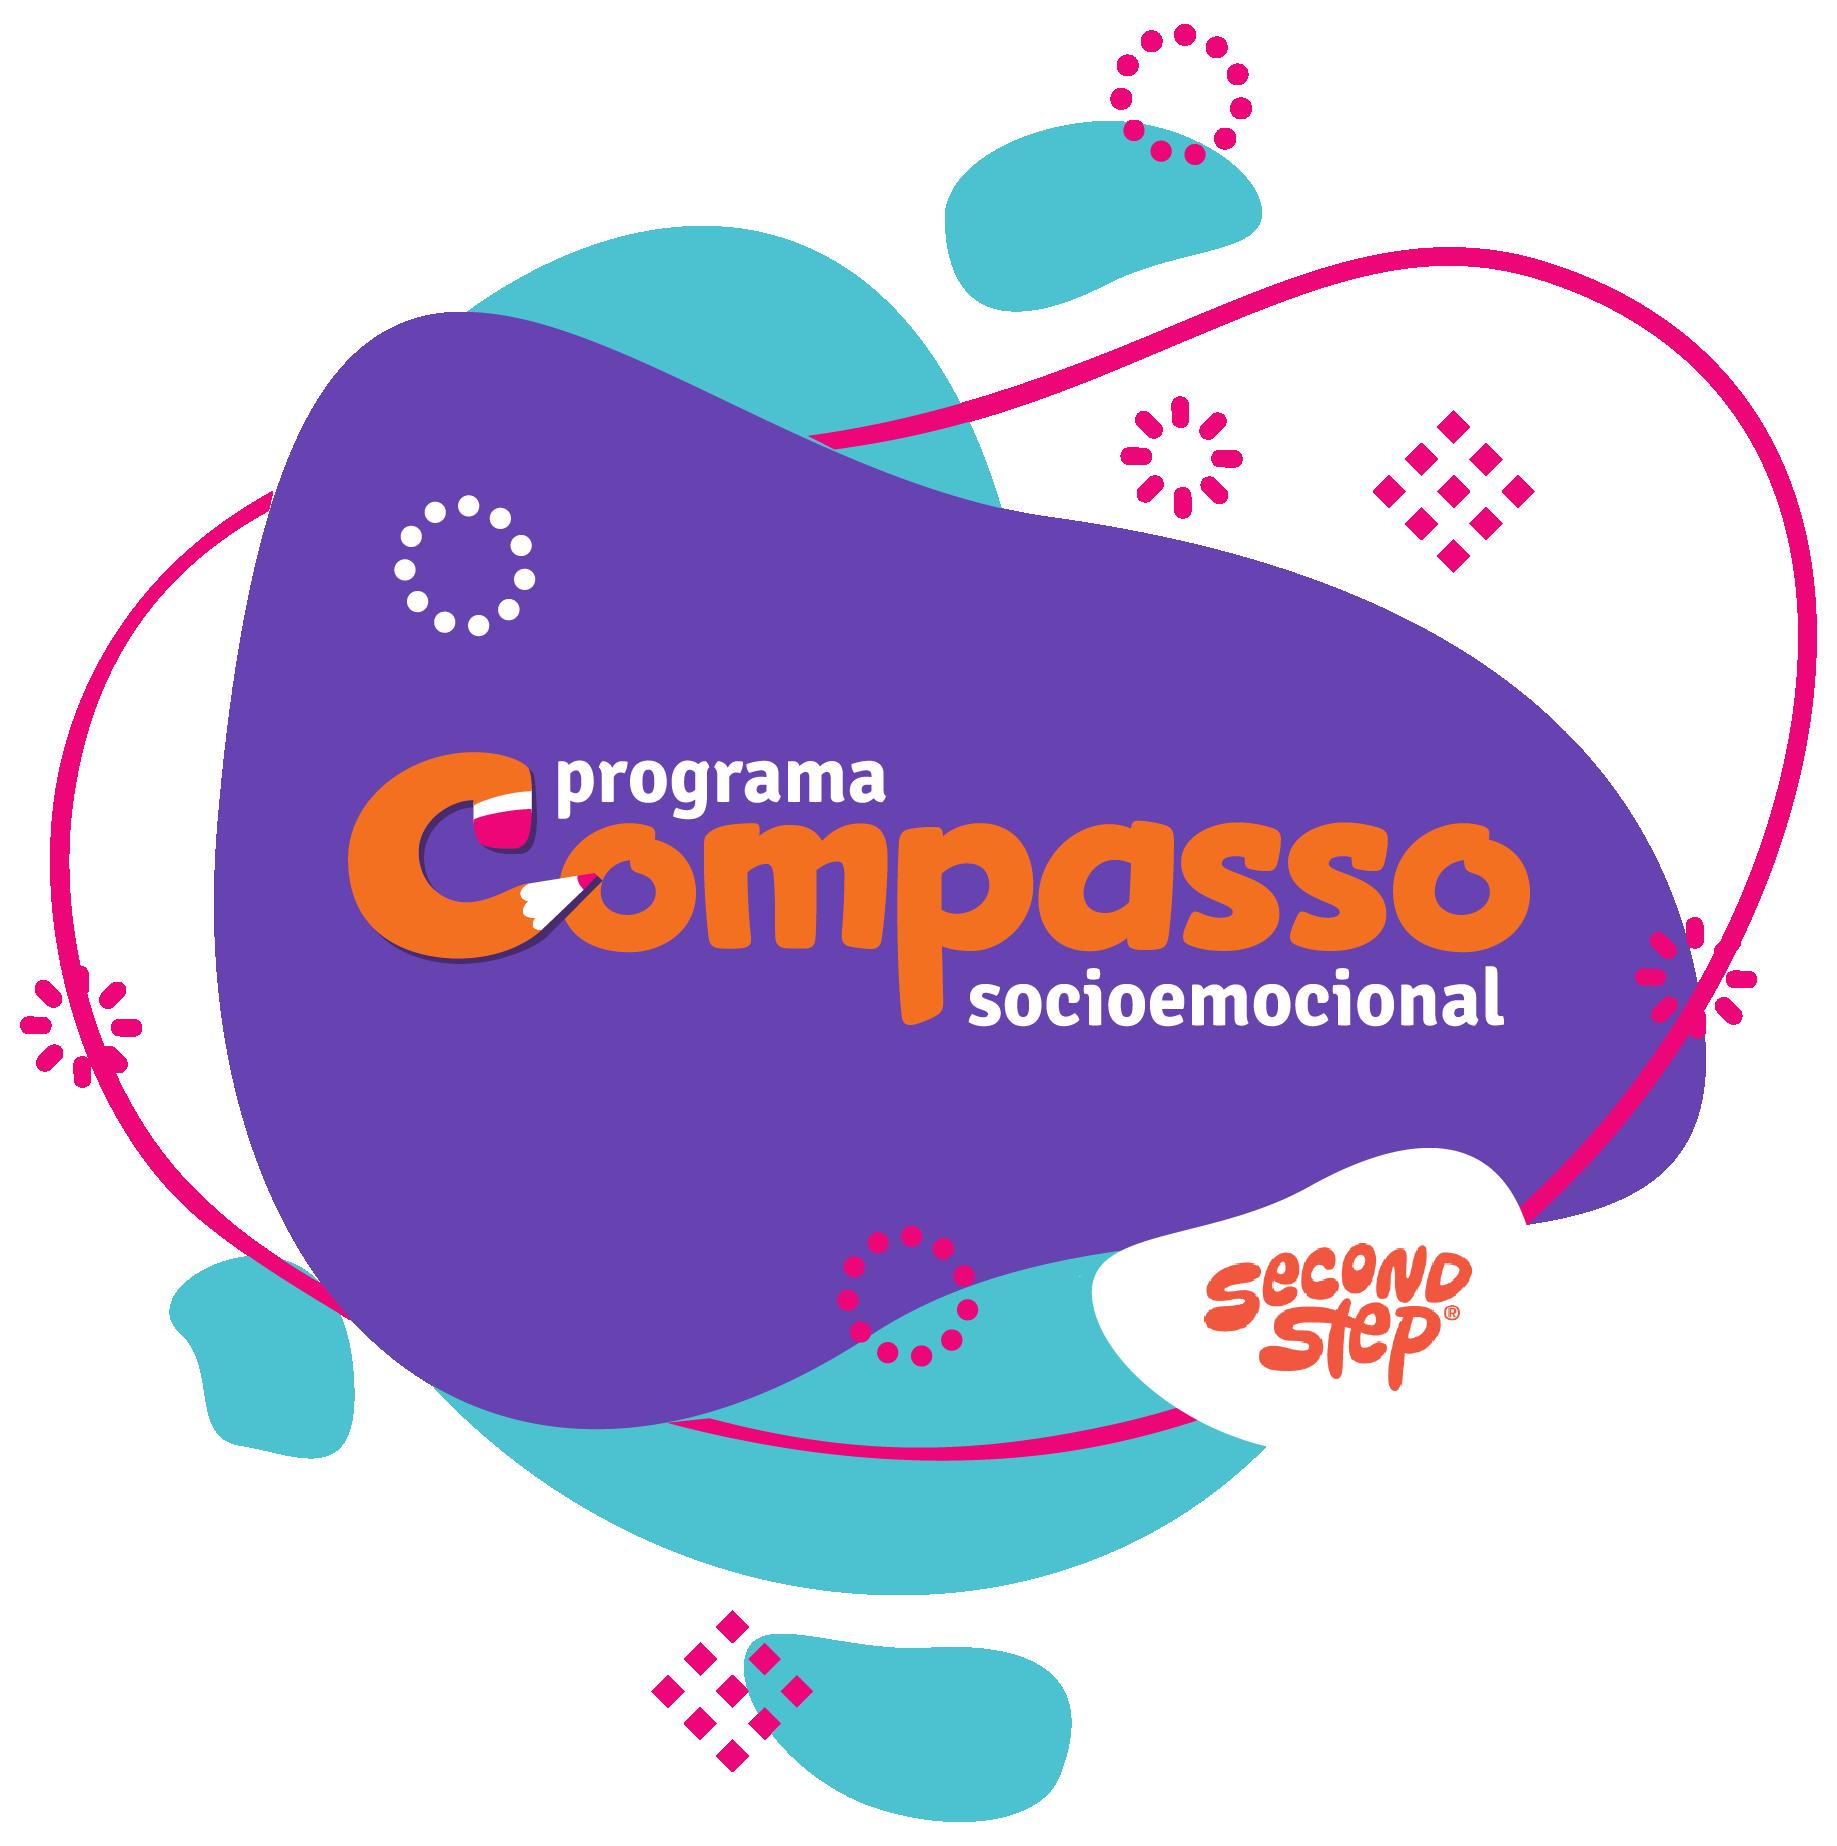 Logo Compasso Socioemocional e SecondStep